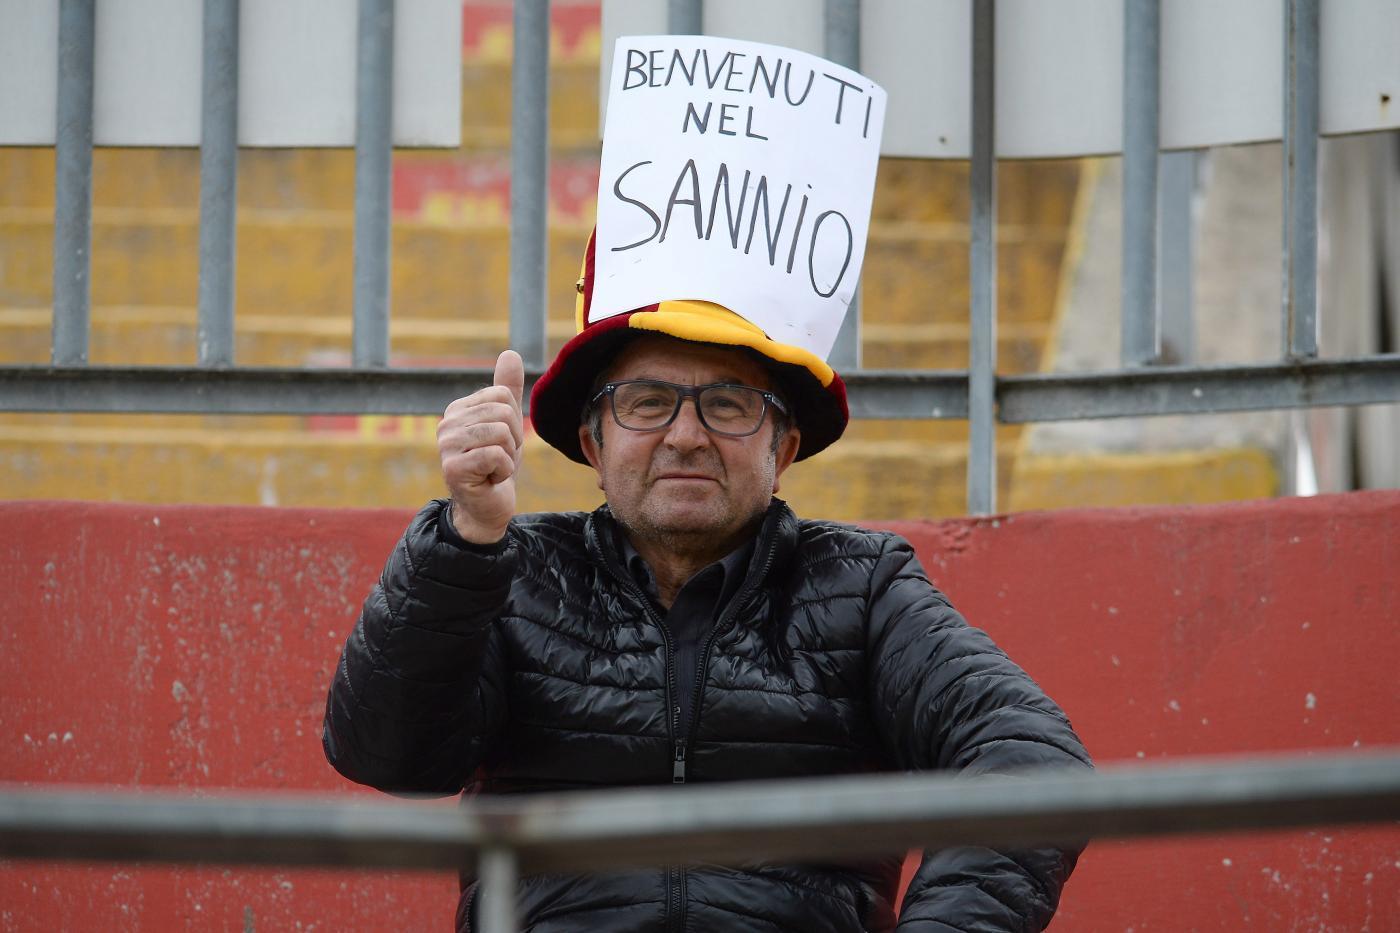 L'Atalanta batte 3-0 il Benevento con Freuler, Barrow e Gomez